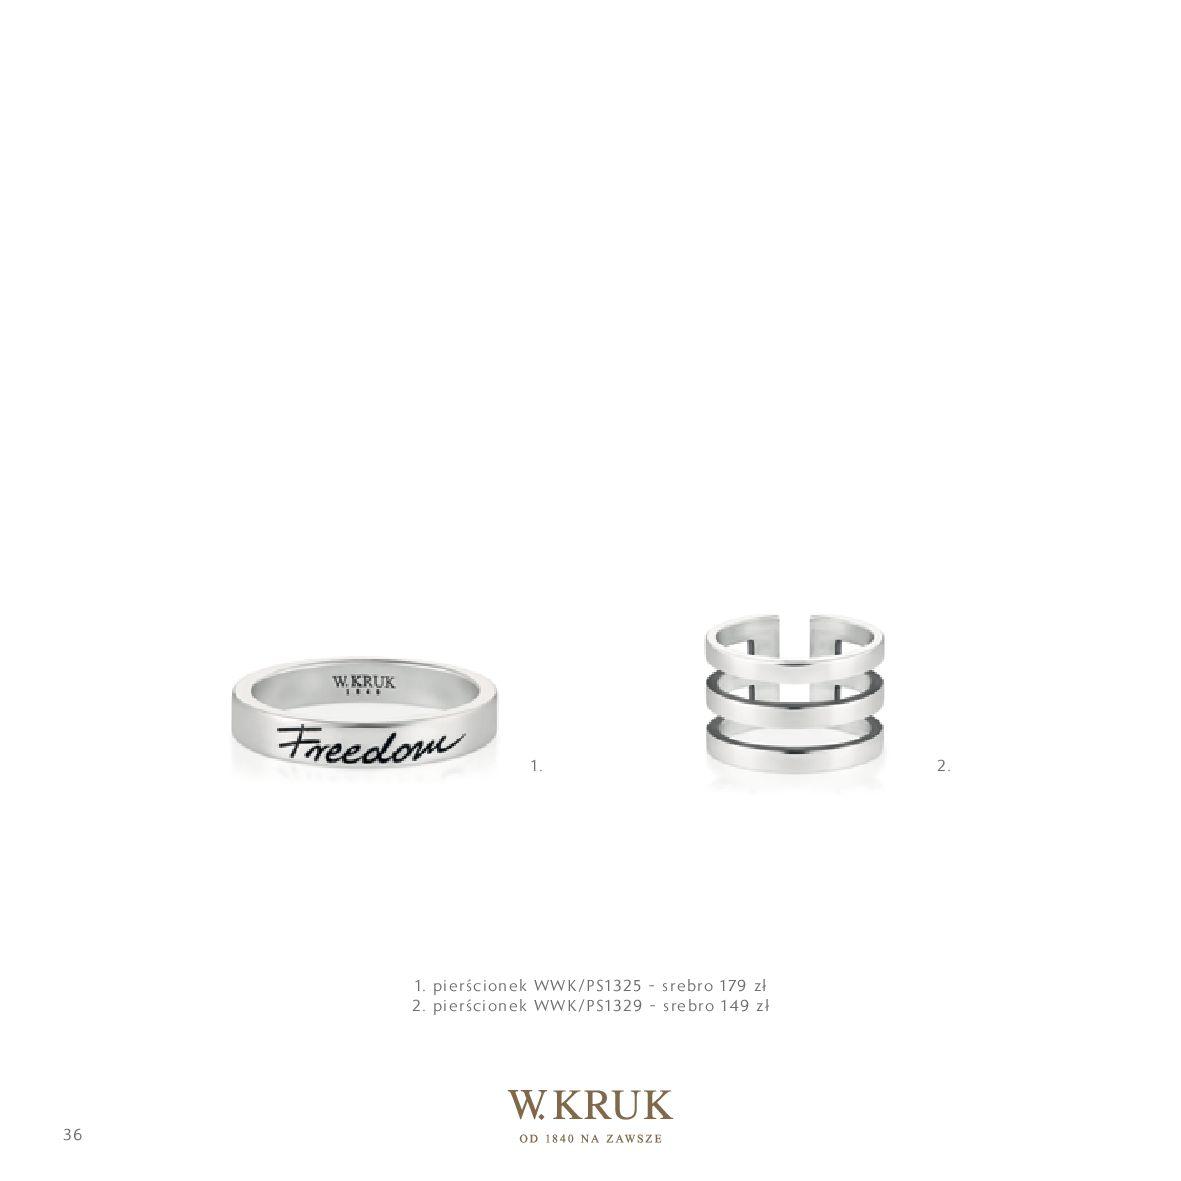 Gazetka W. KRUK: Katalog - Kolekcja Freedom 2021-02-17 page-38